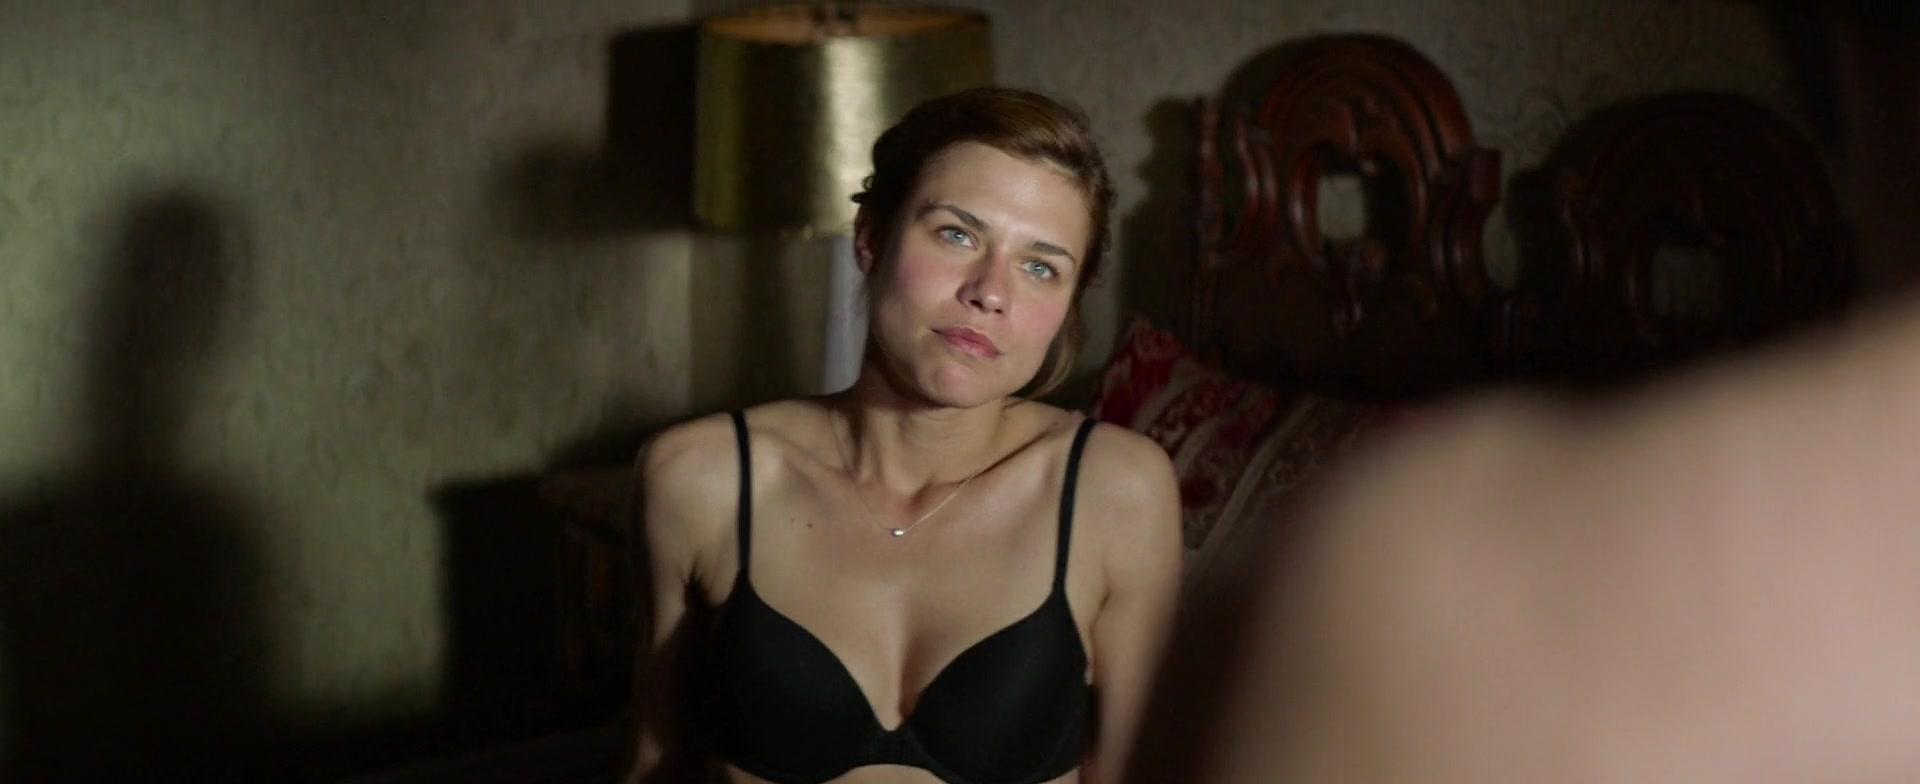 nackt Siberia M. Federico Movie Review: